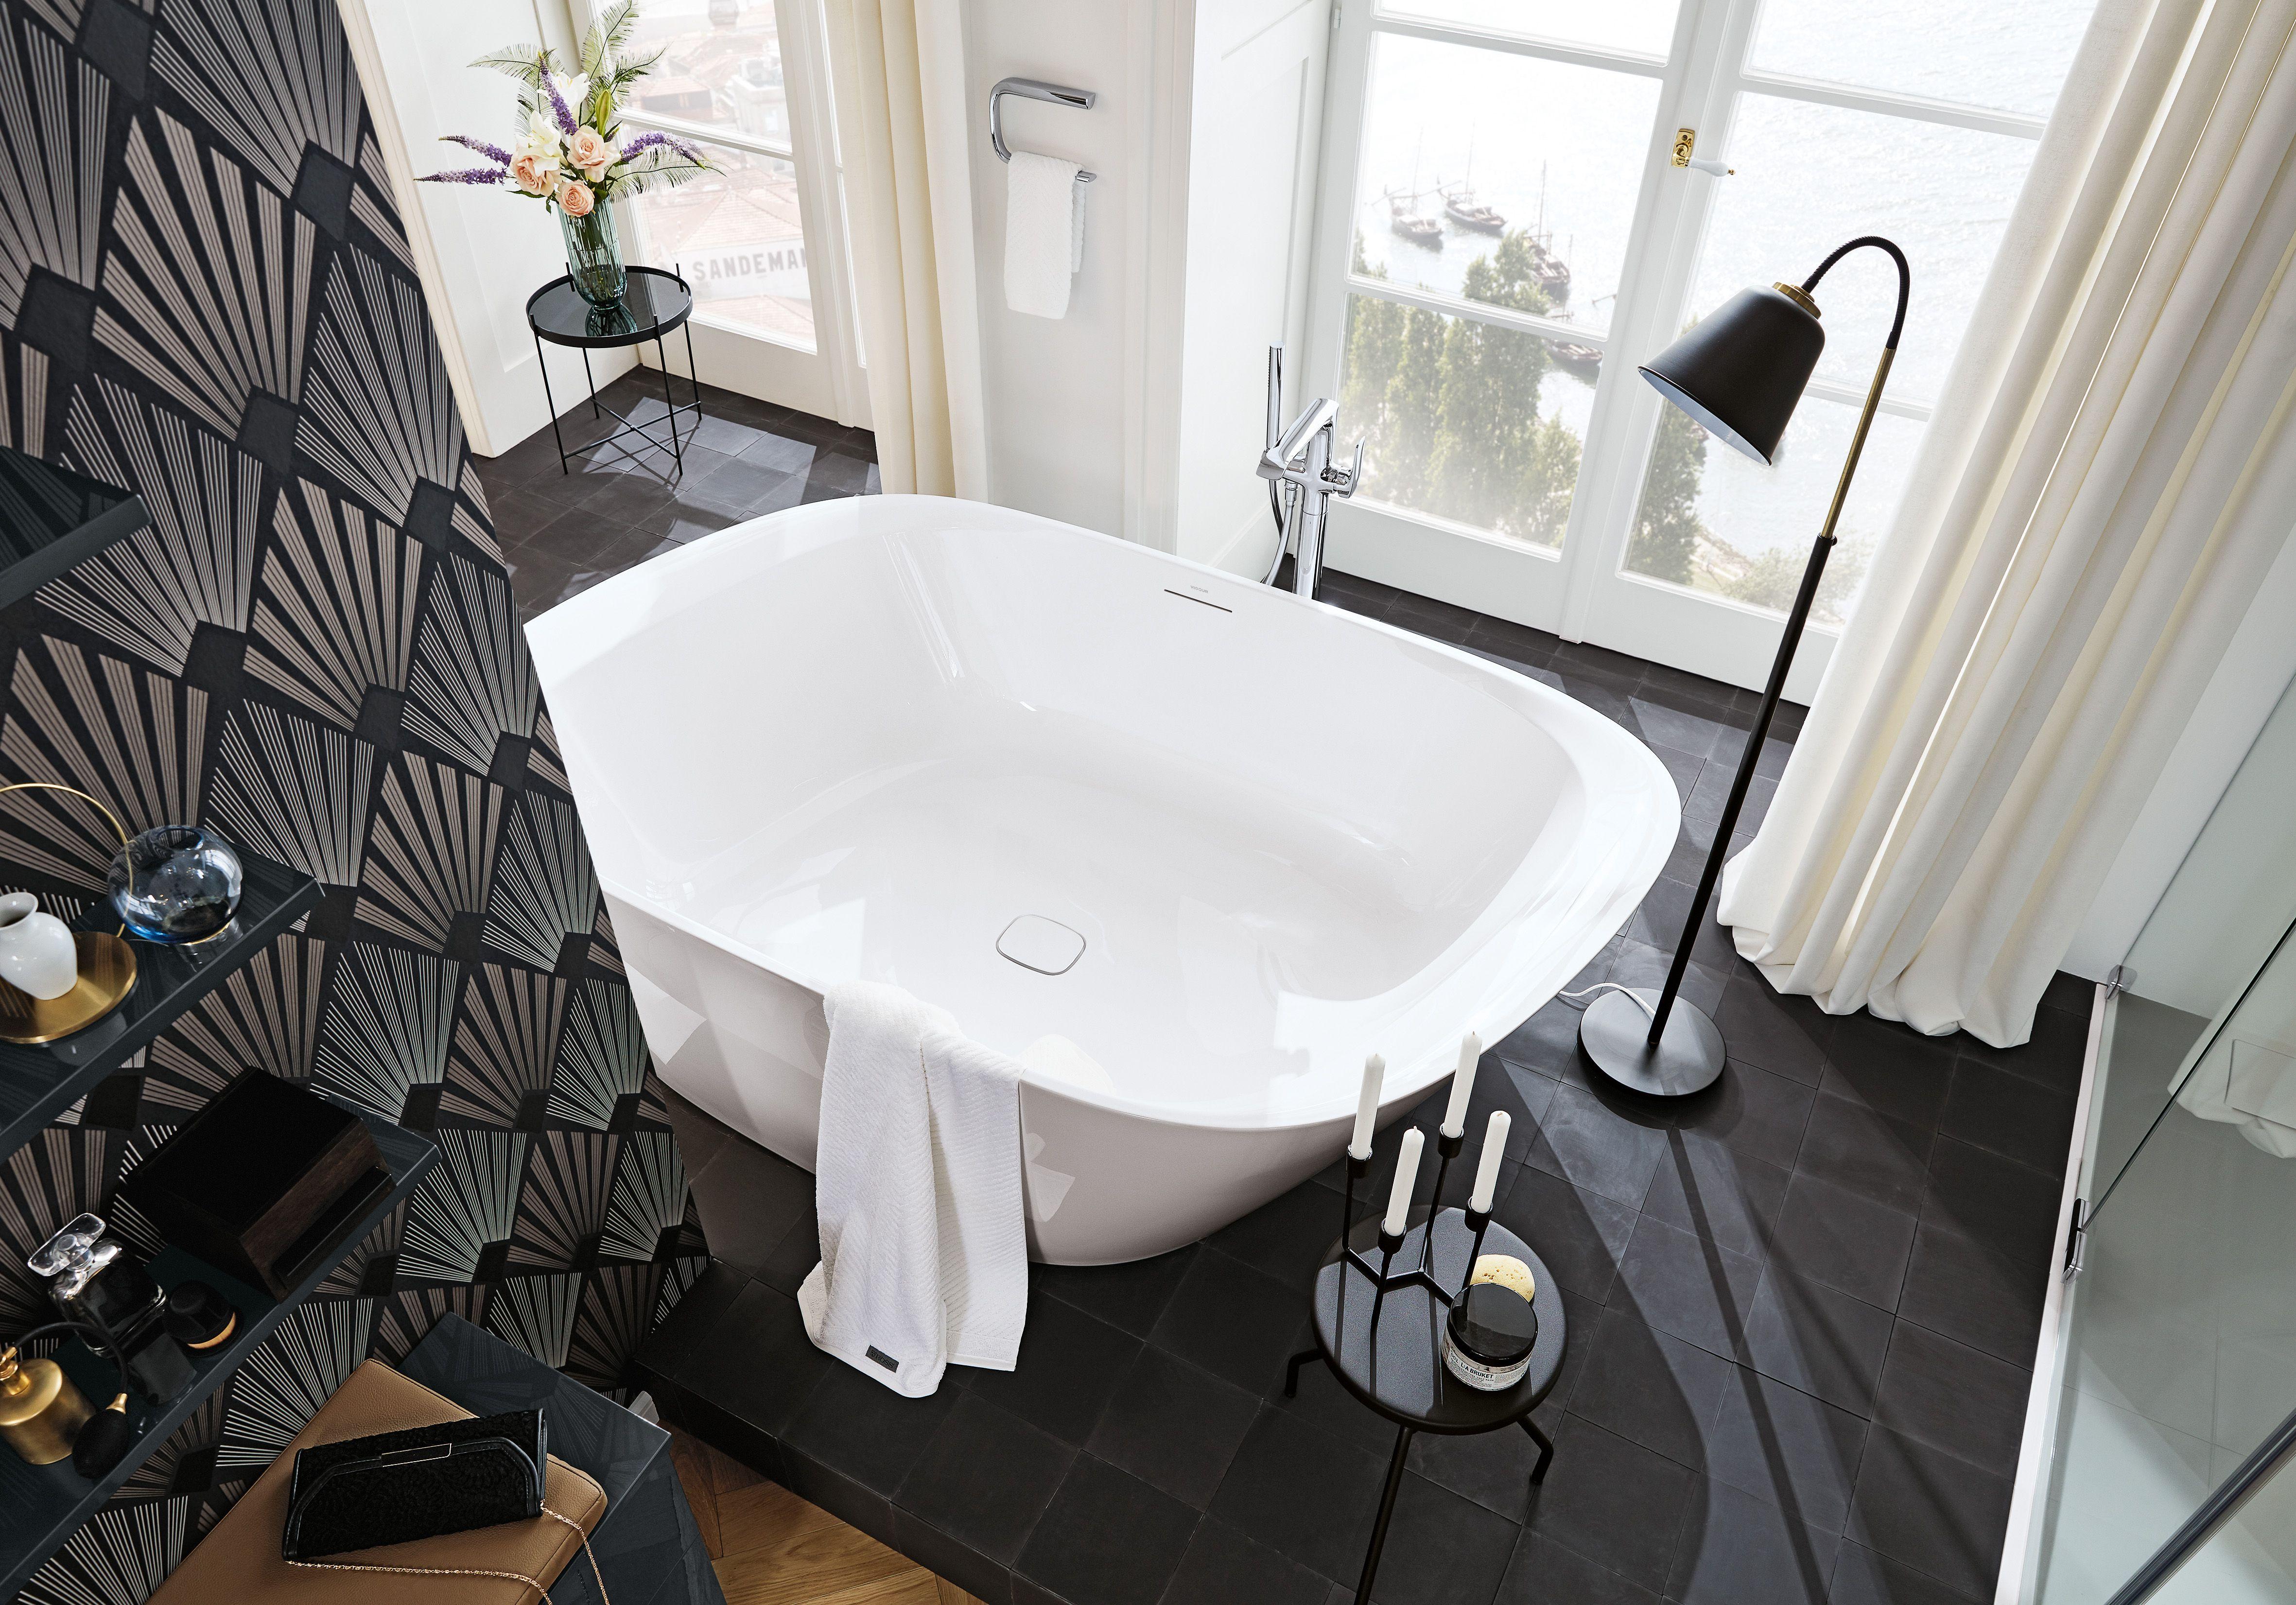 Badezimmer Einrichten 13 Uberraschende Ideen Das Haus Badezimmer Baden Einrichtung